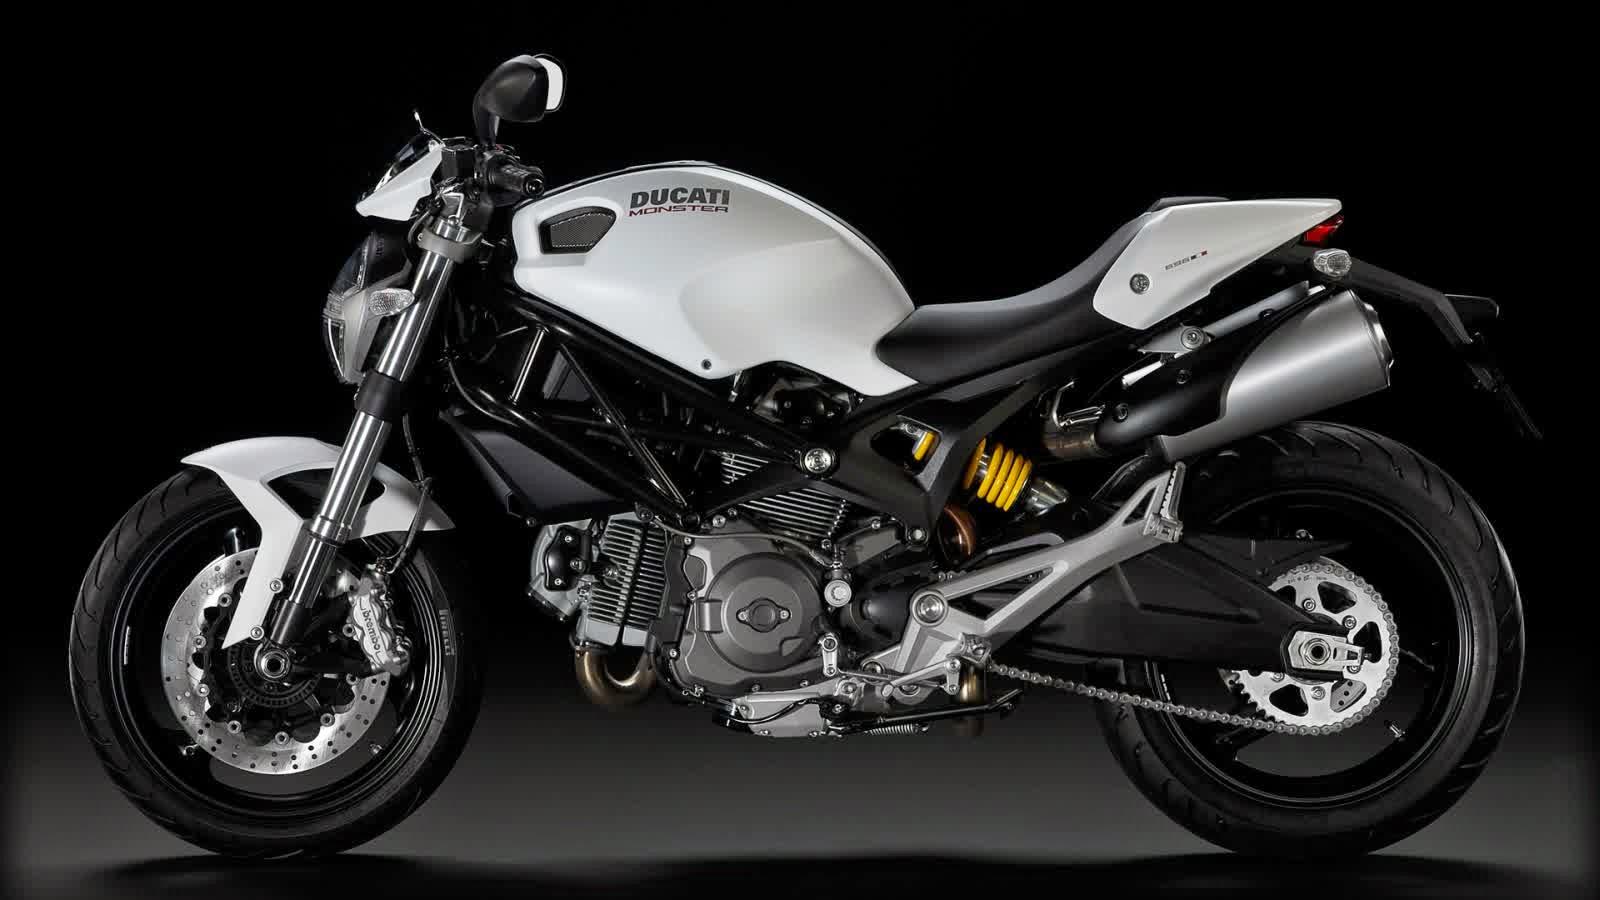 Harga Motor Monster Ducati